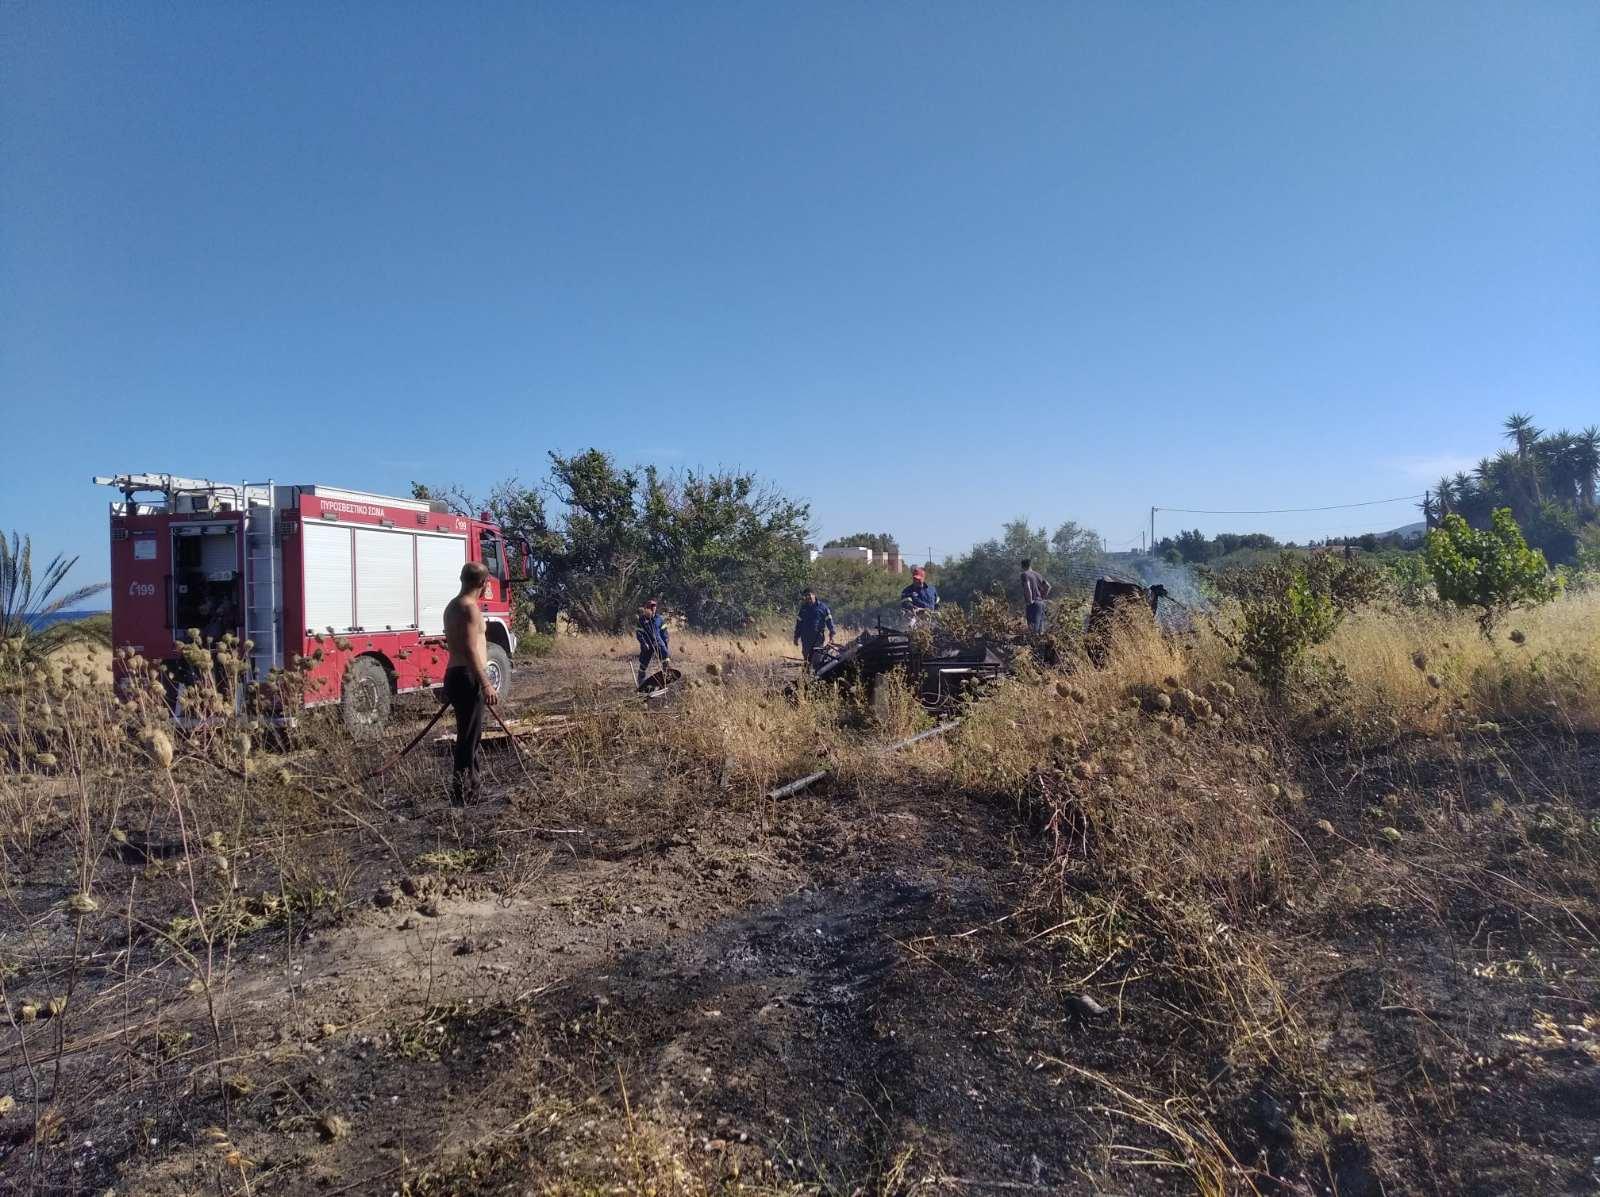 Πυρκαγιά σε χορτολιβαδική εκταση στο Γεννάδι Ρόδου